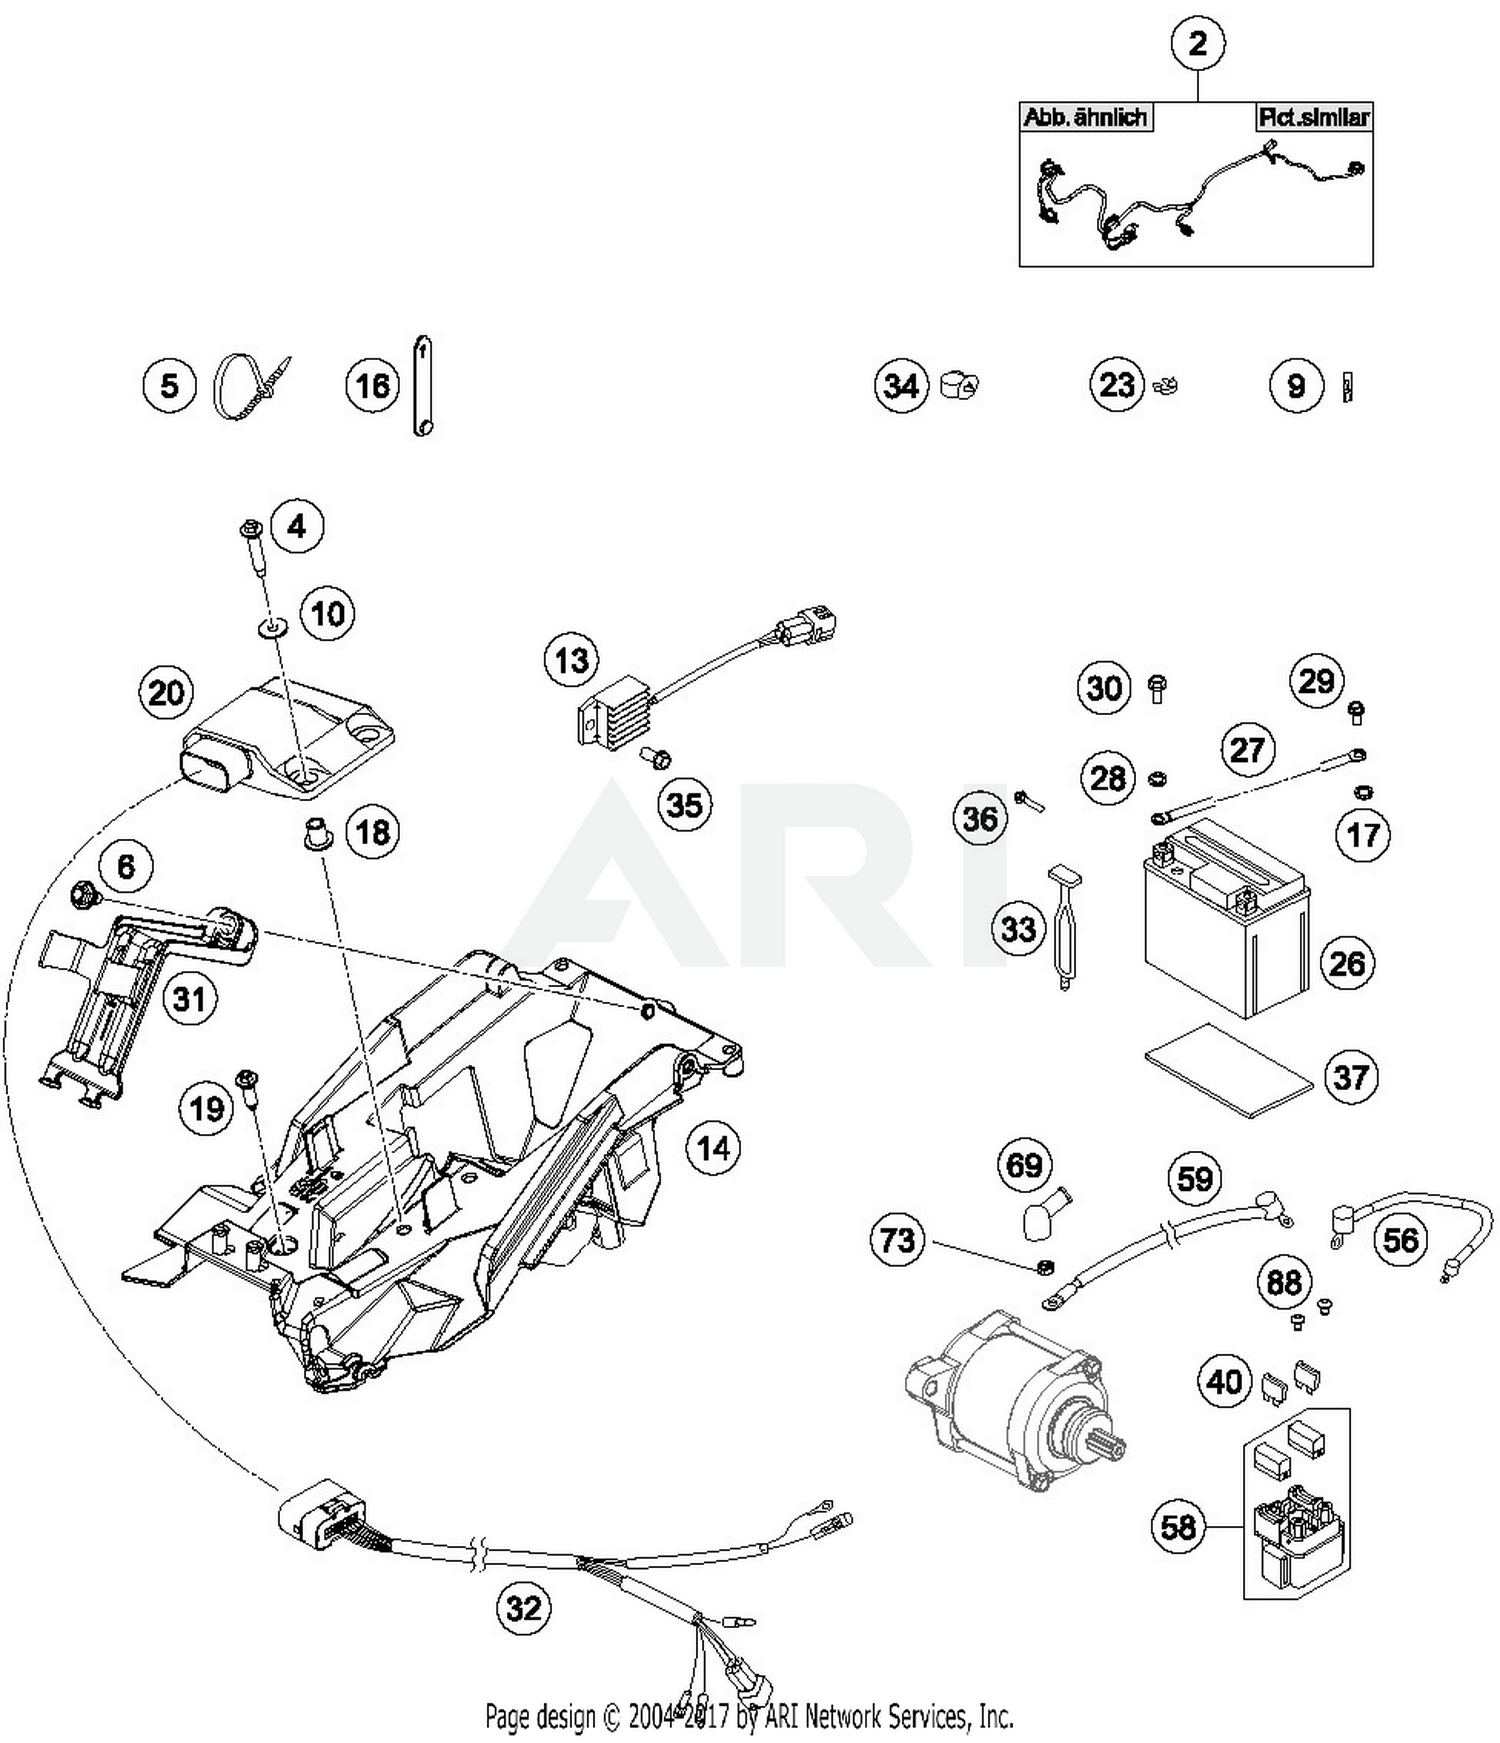 yy_1711] ktm 300 headlight wiring diagram free diagram  urga benkeme verr kapemie mohammedshrine librar wiring 101